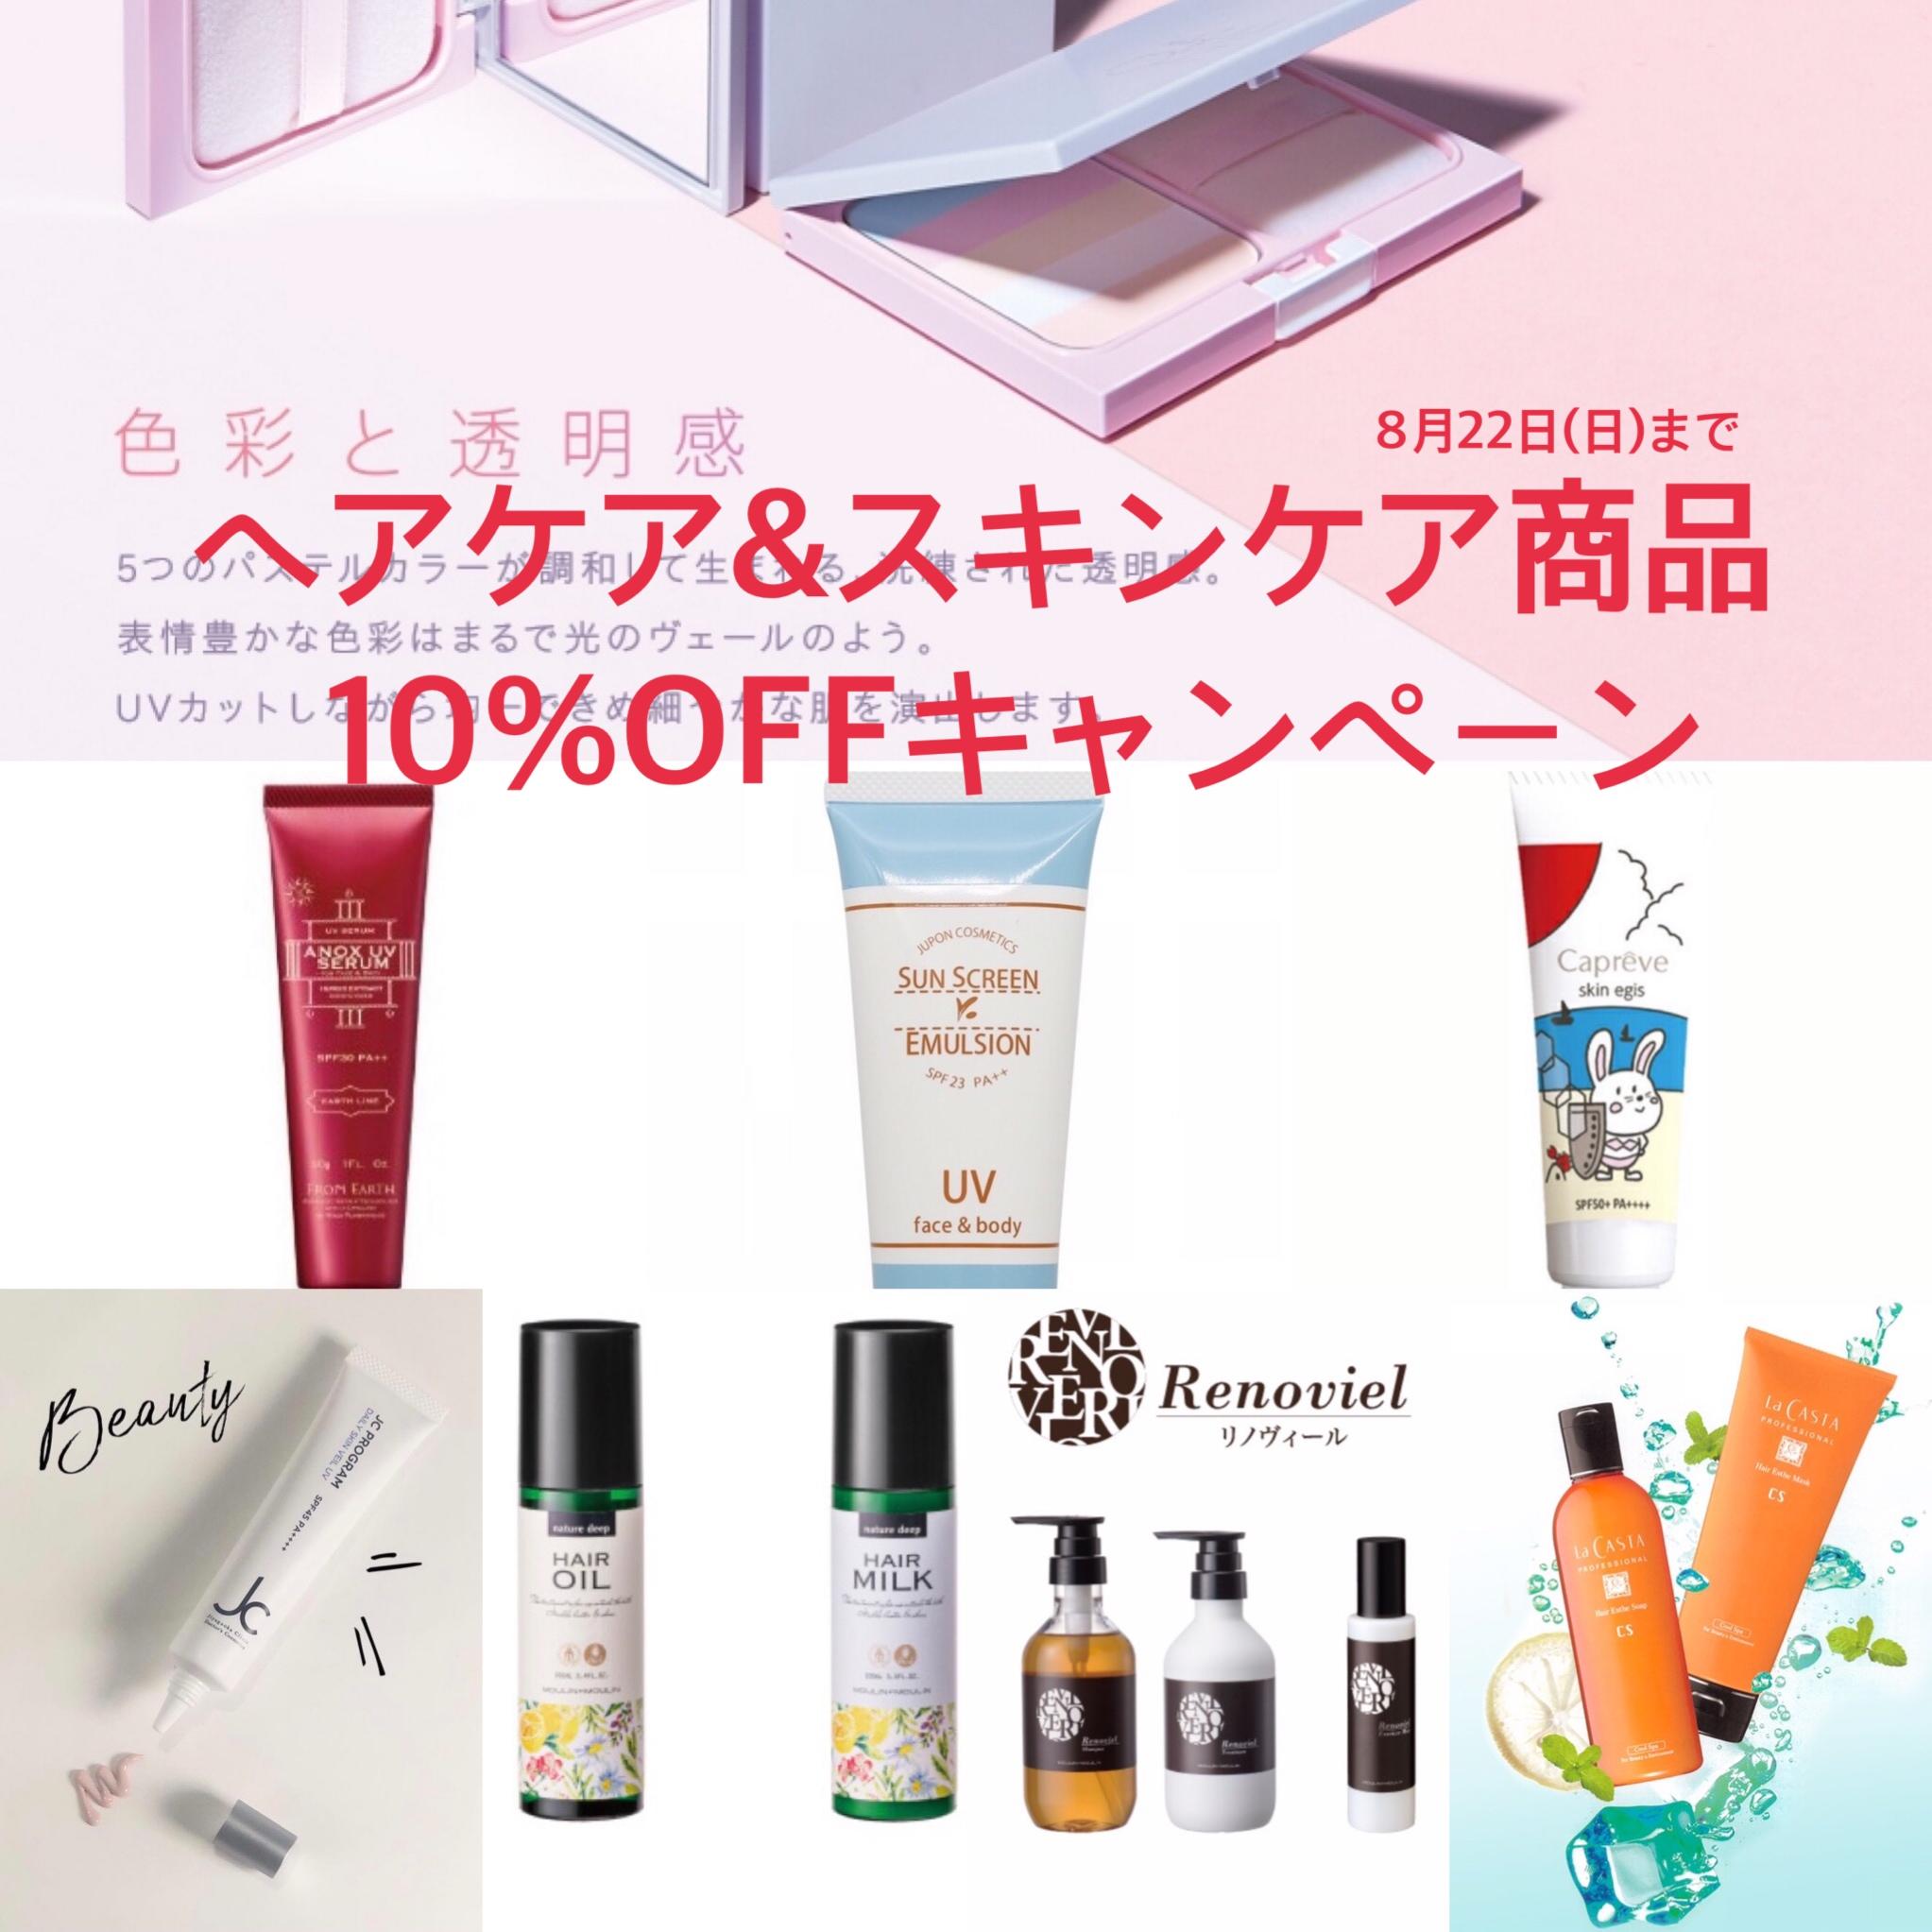 ヘアケア&スキンケア商品10%OFFキャンペーン!